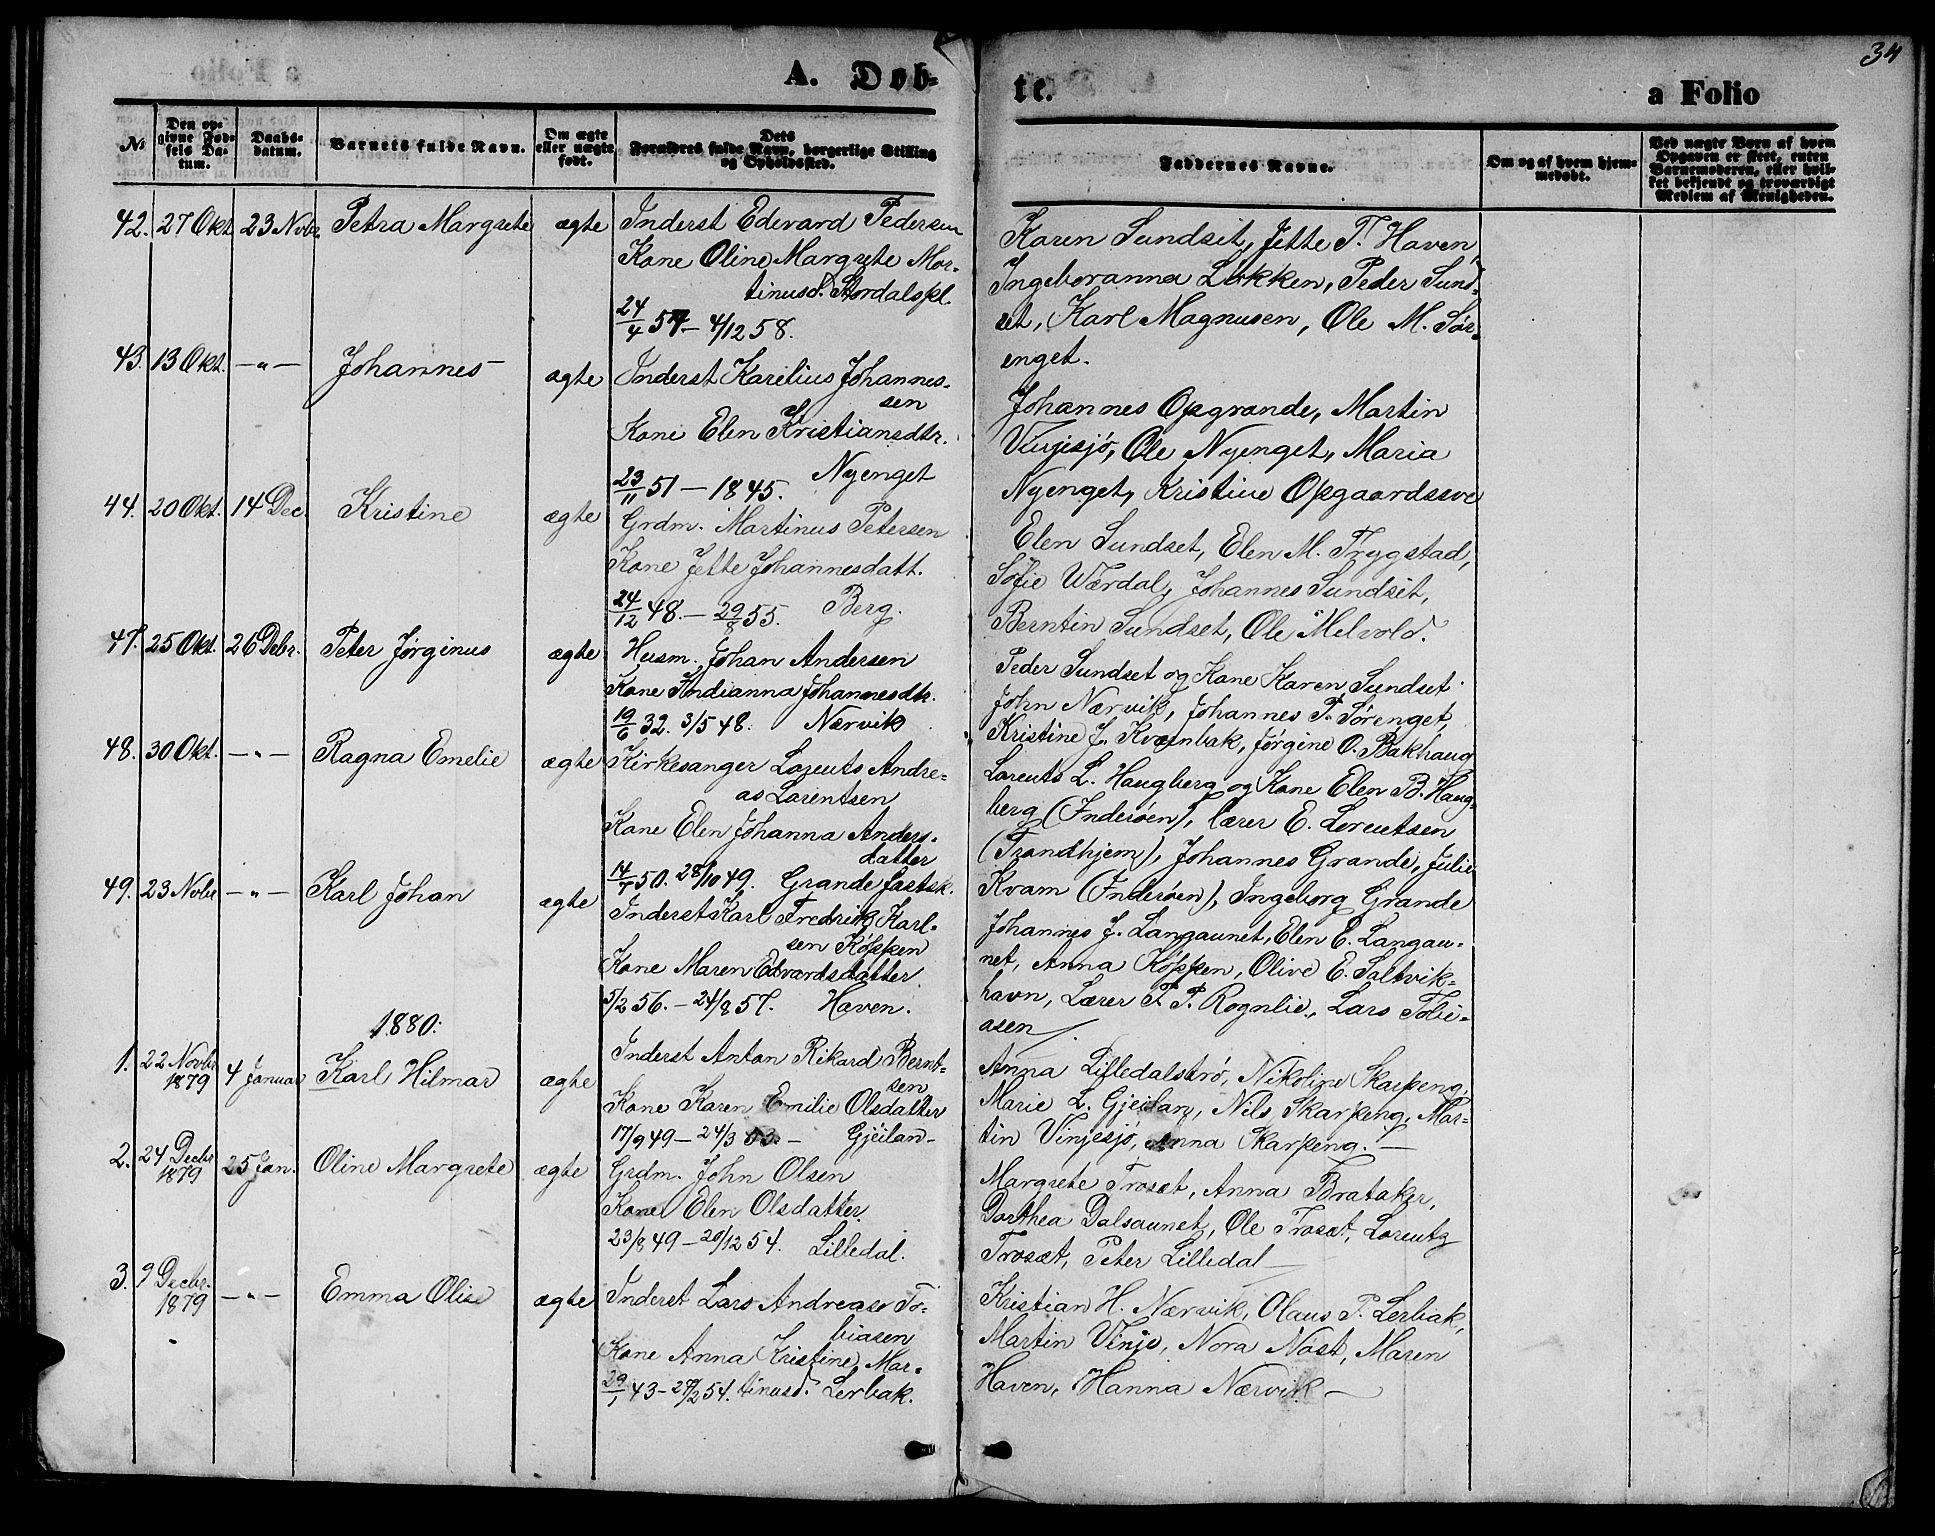 SAT, Ministerialprotokoller, klokkerbøker og fødselsregistre - Nord-Trøndelag, 733/L0326: Klokkerbok nr. 733C01, 1871-1887, s. 34